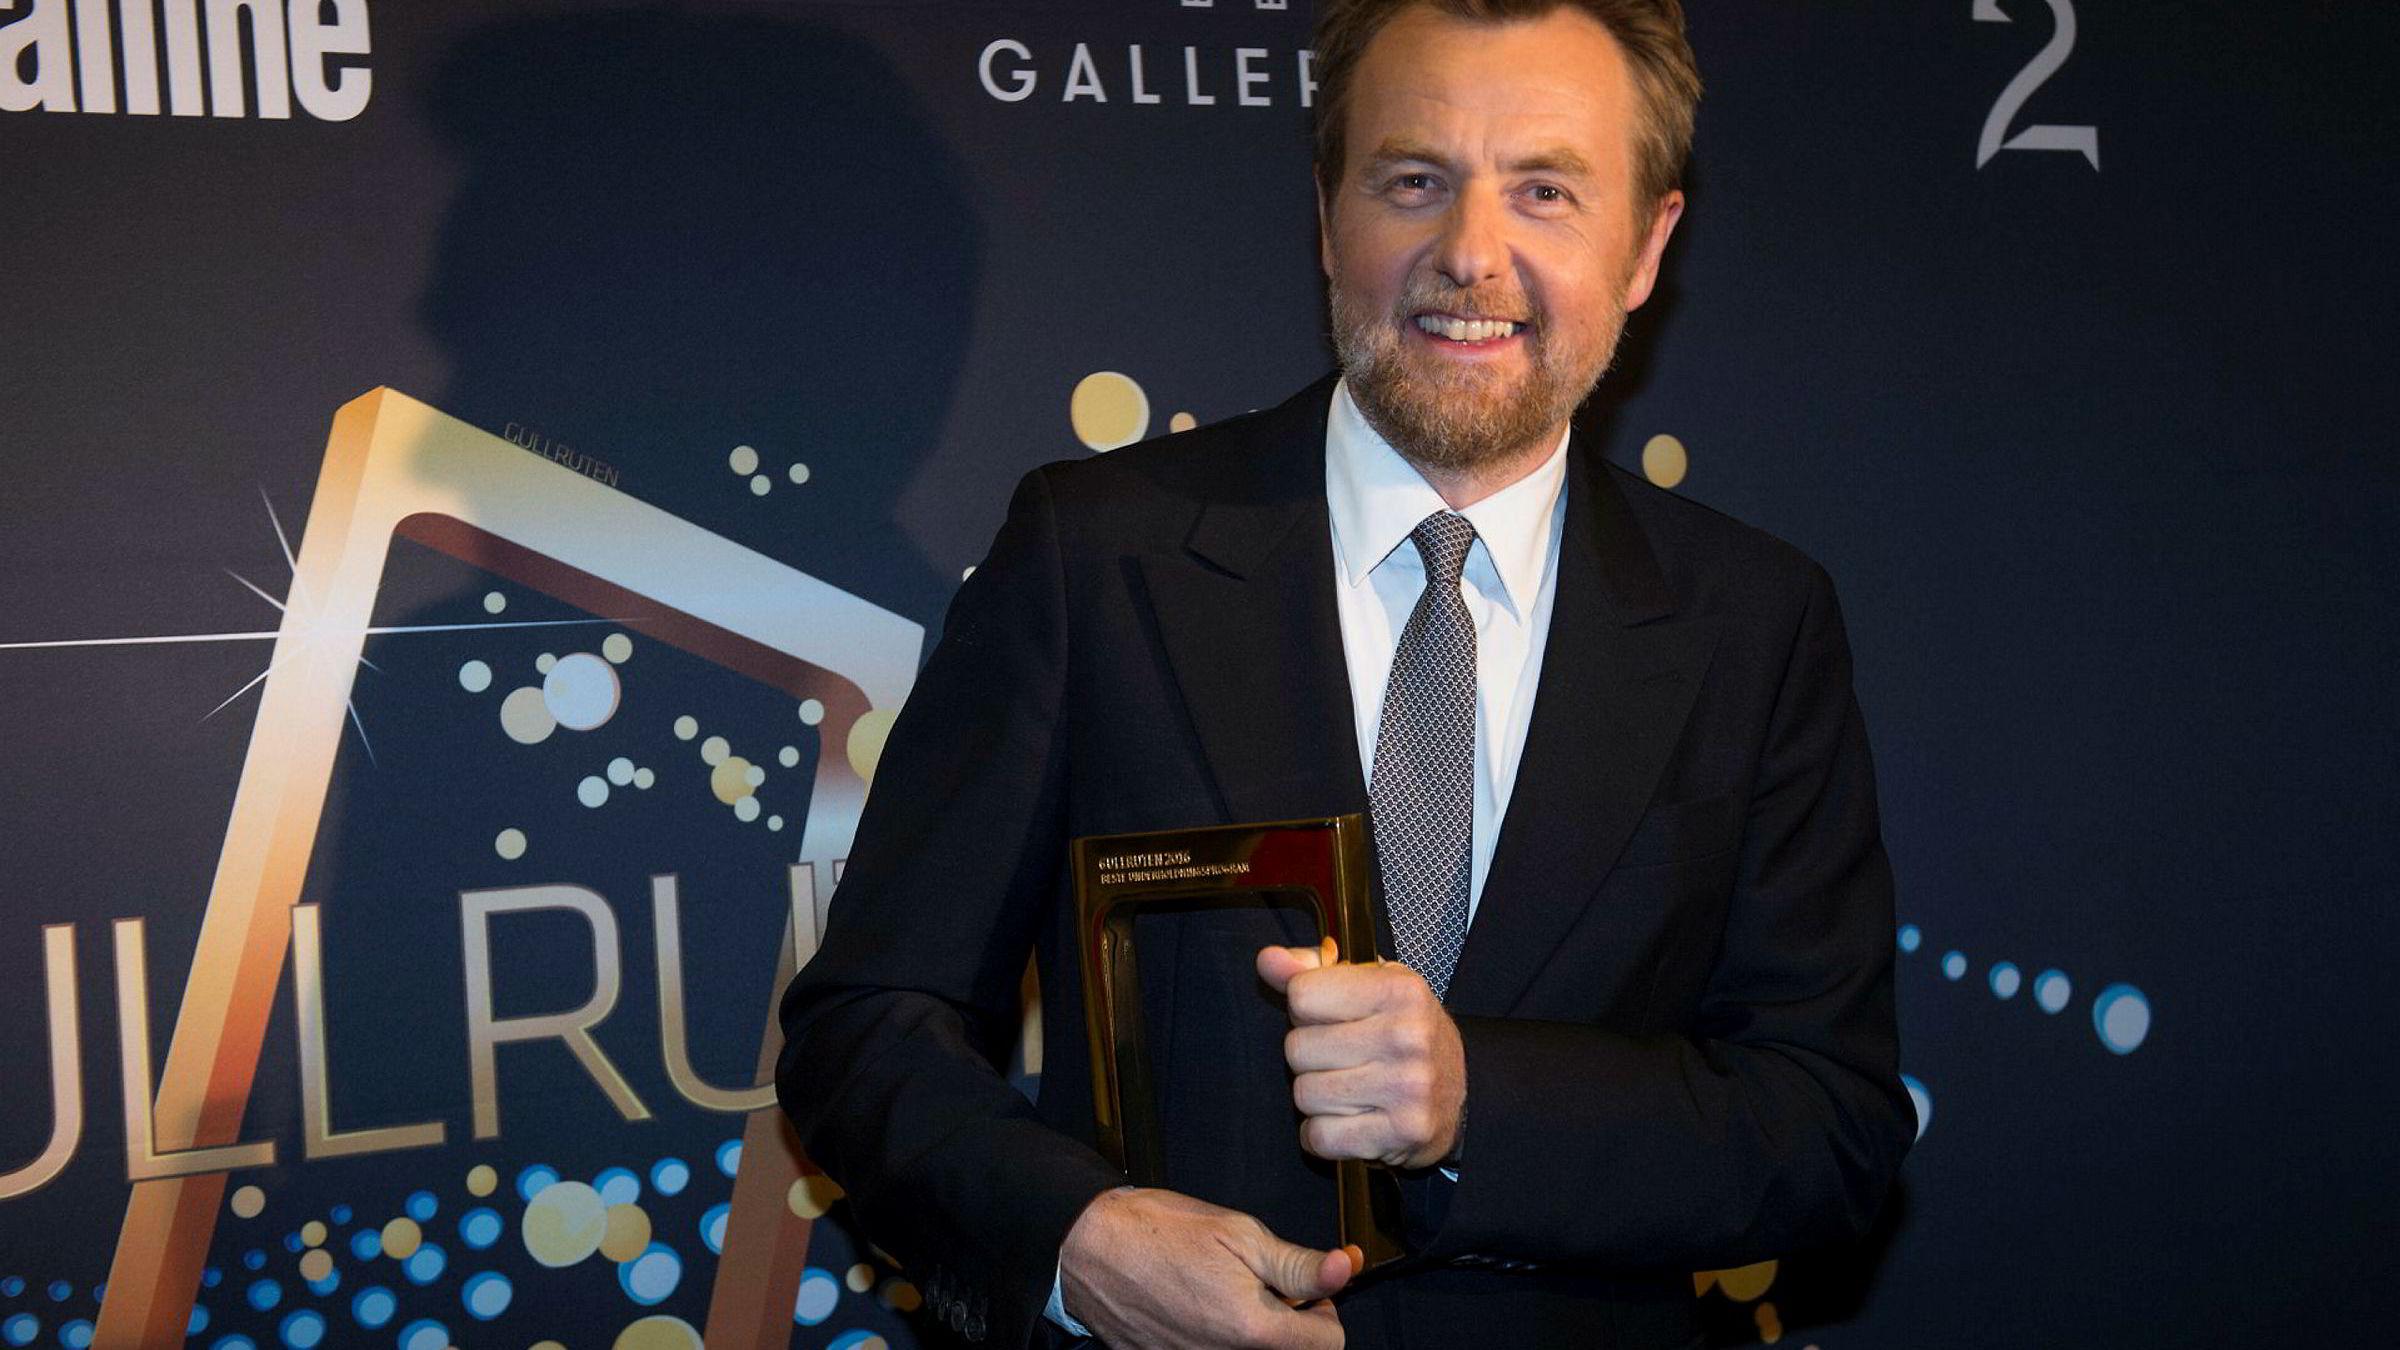 Fredrik Skavlan vant Gullruten for«Skavlan» i 2016.